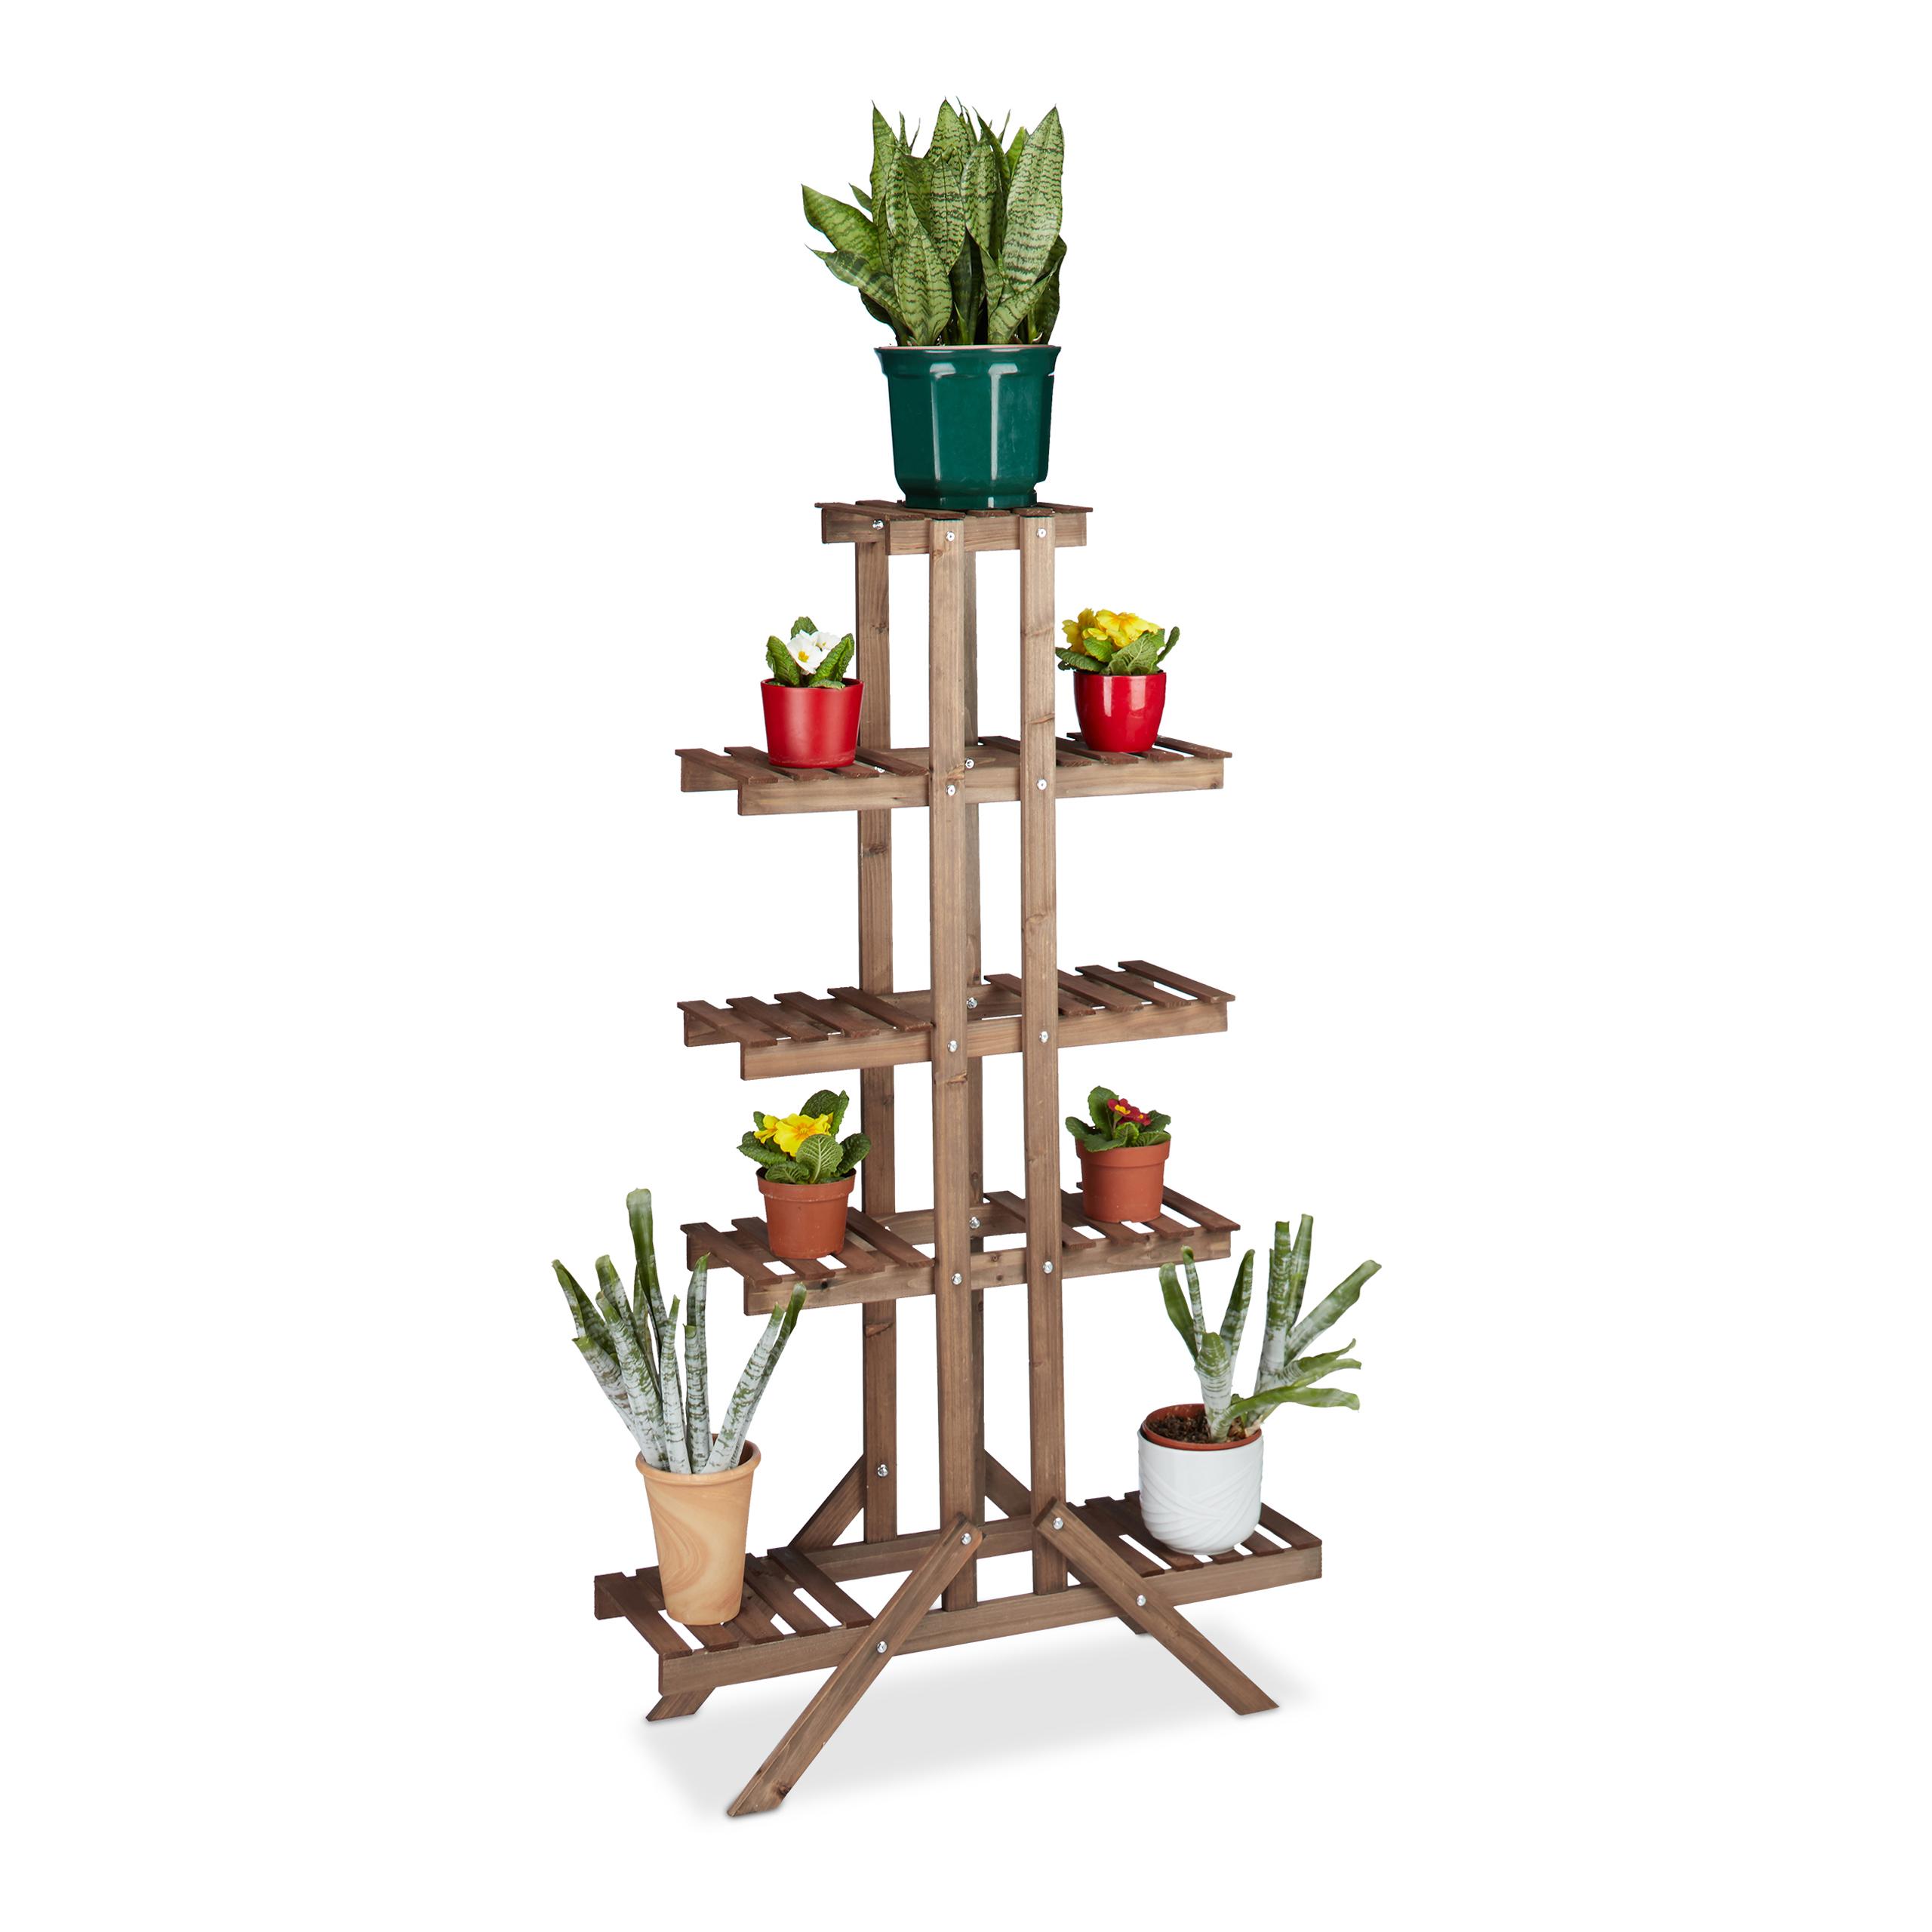 Blumentreppe-hoch-Etagere-Blumen-Blumenstaender-Pflanzenregal-Regal-fuer-Blumen